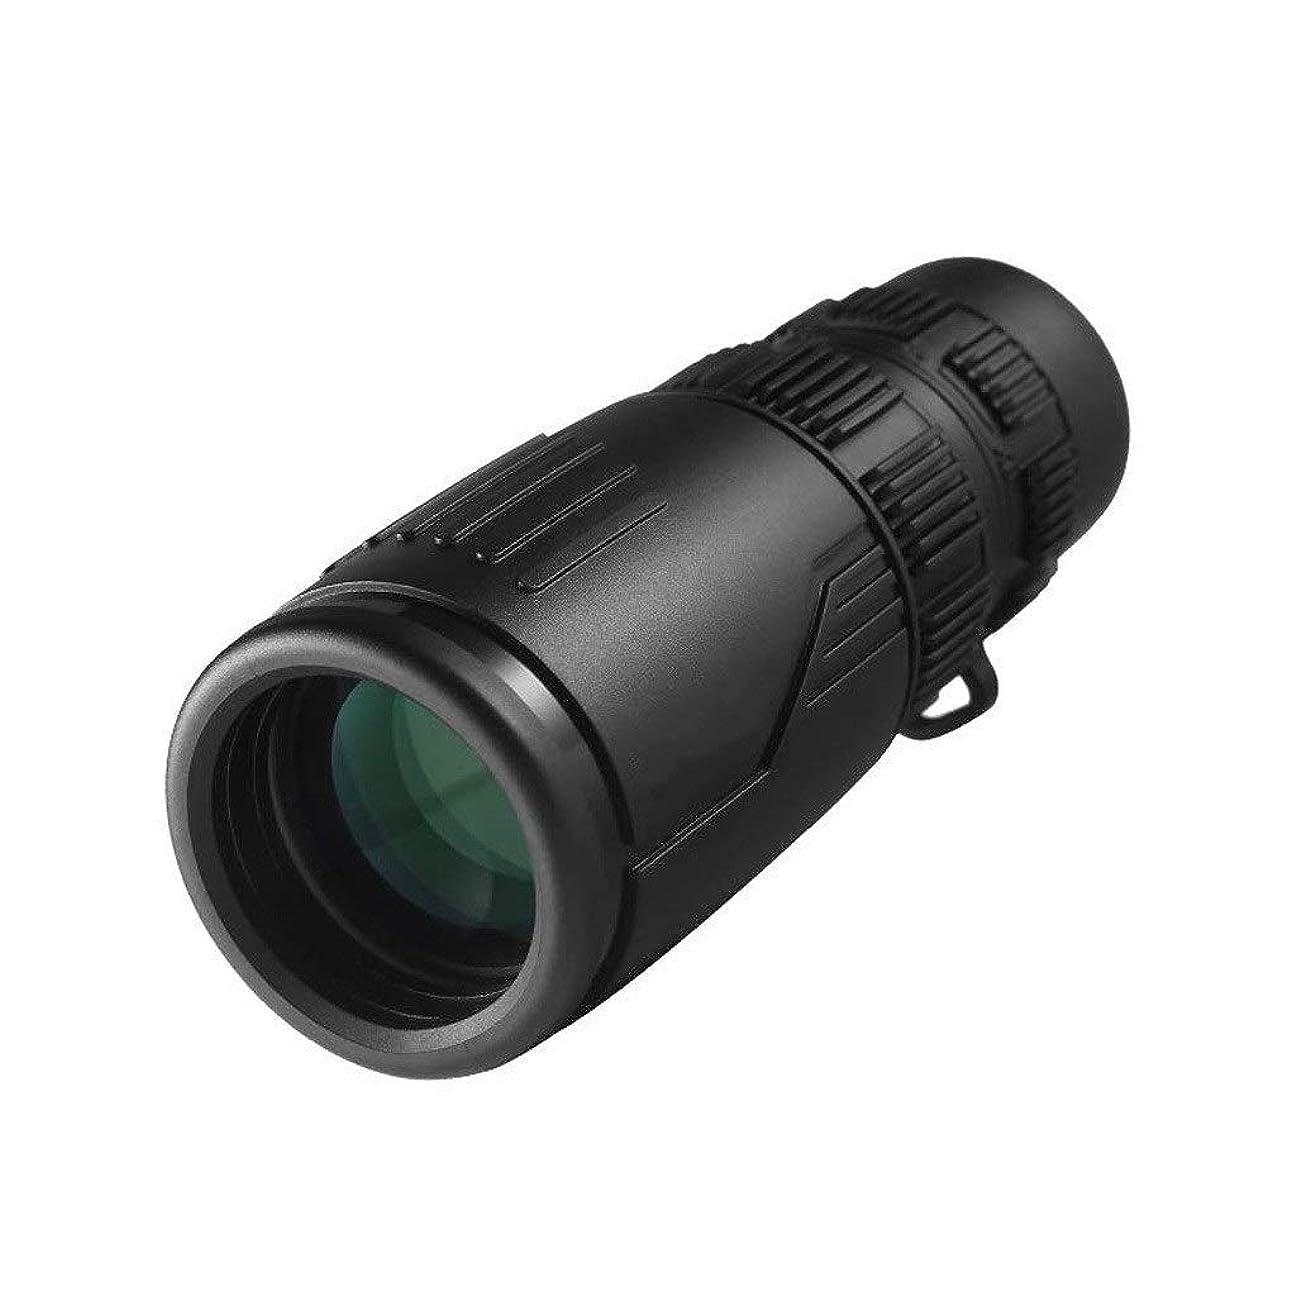 ワットヒギンズ債務者単眼鏡 強力な8x25単眼望遠鏡、単眼スコープデュアルフォーカス光学防水/防曇スポッティングスコープ低照度またはキッズ、ギフト、旅行、ハイキング